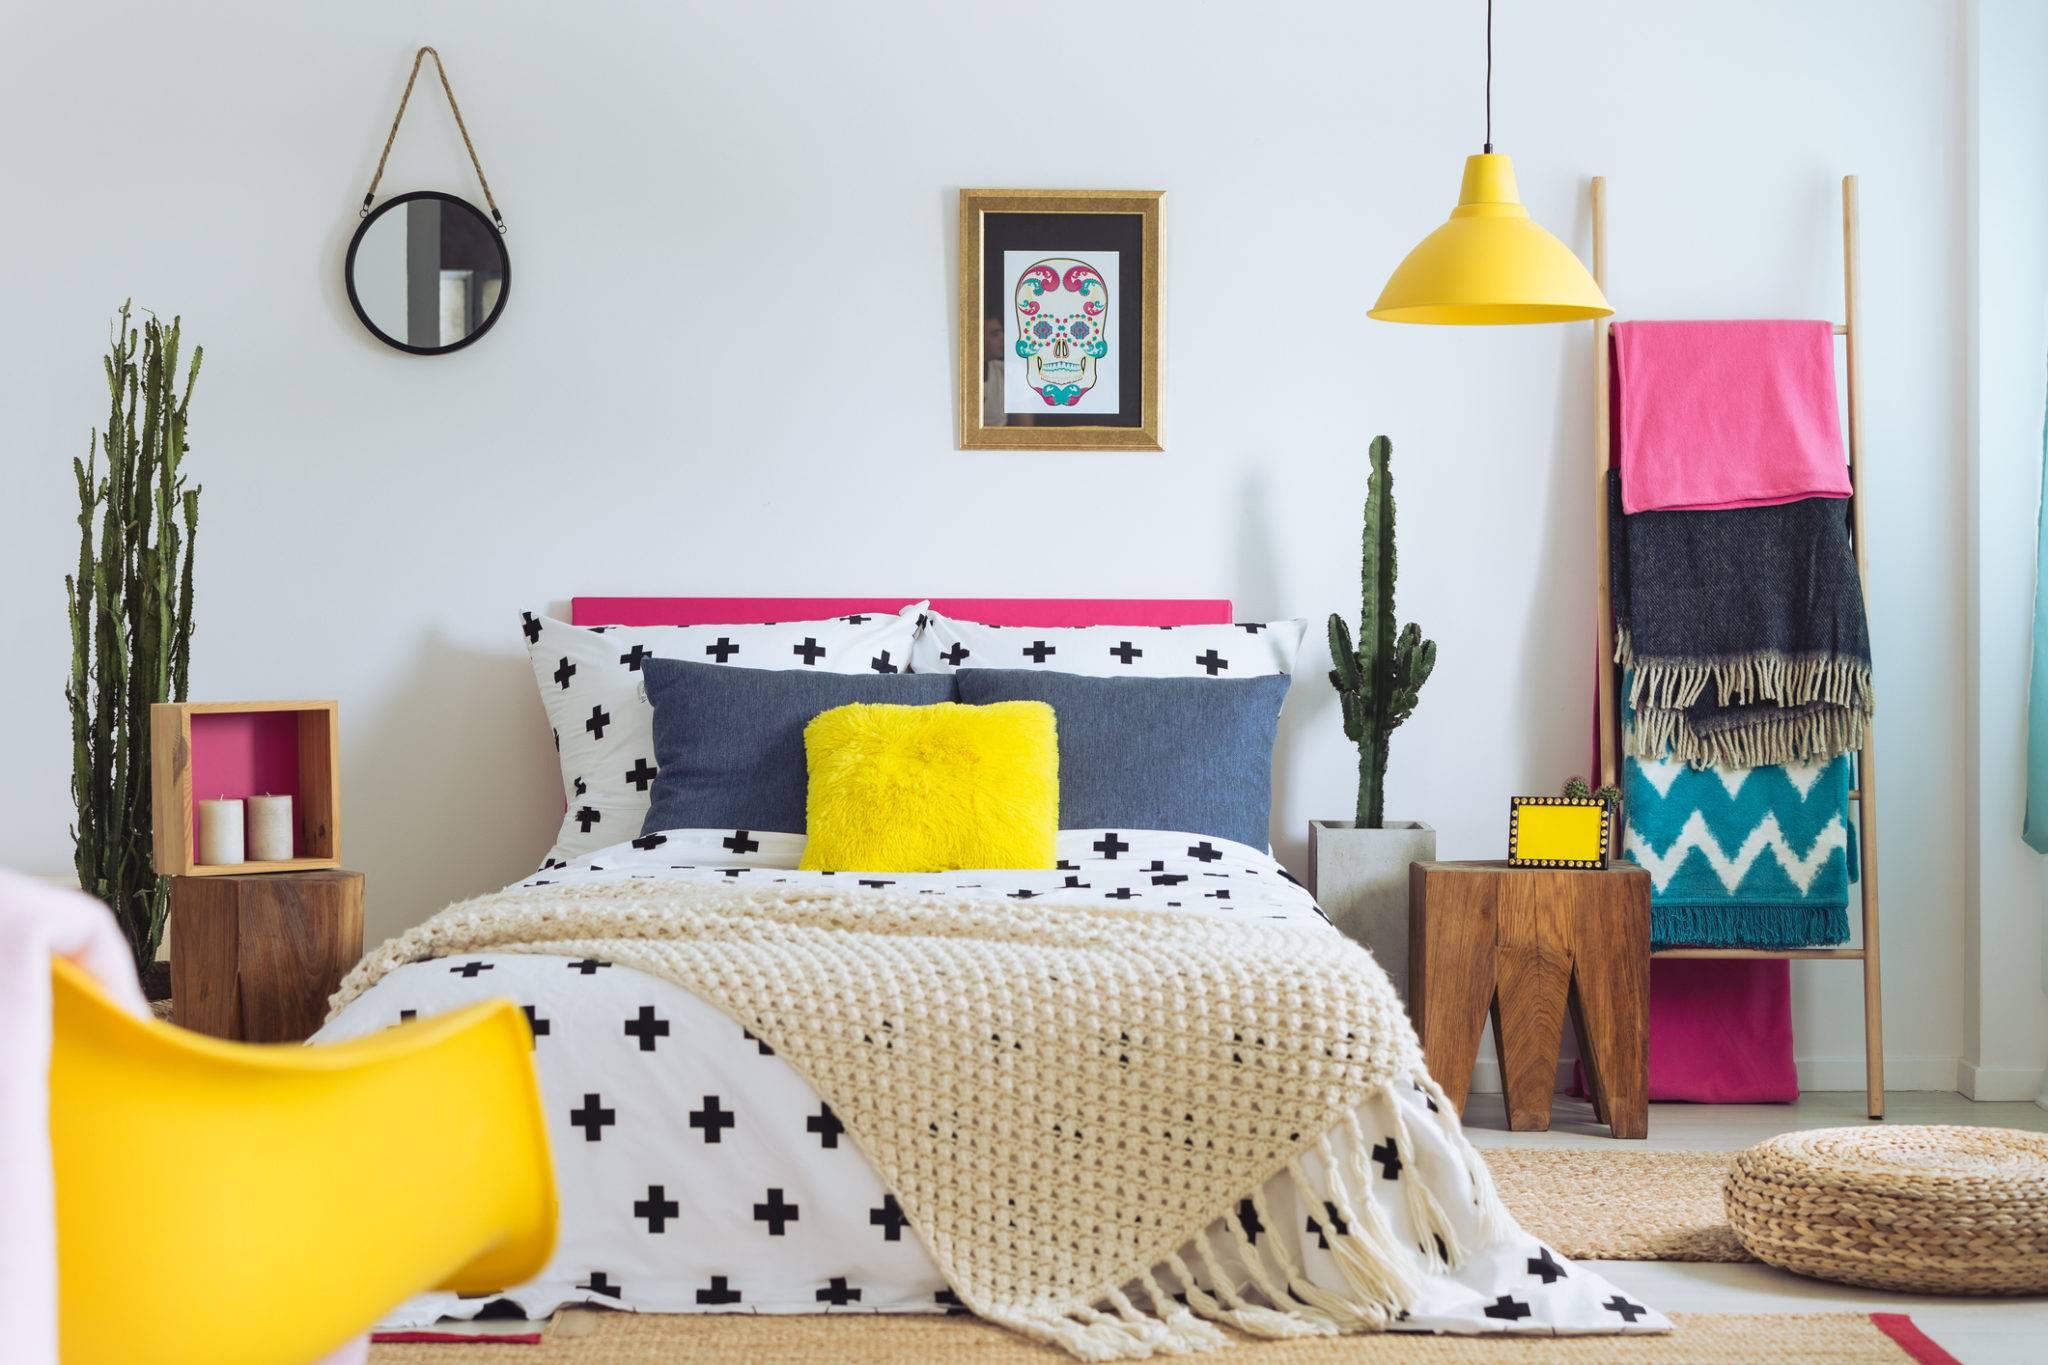 Trang trí màu vàng và hồng, bao gồm gối ném, đèn chiếu sáng và một chiếc ghế màu vàng, là những đặc điểm nổi bật của phòng ngủ màu trắng này. Bậc thang chăn với những chiếc chăn có hoa văn tươi sáng tạo nên sự thoải mái và giúp hoàn thiện bảng màu mùa hè.